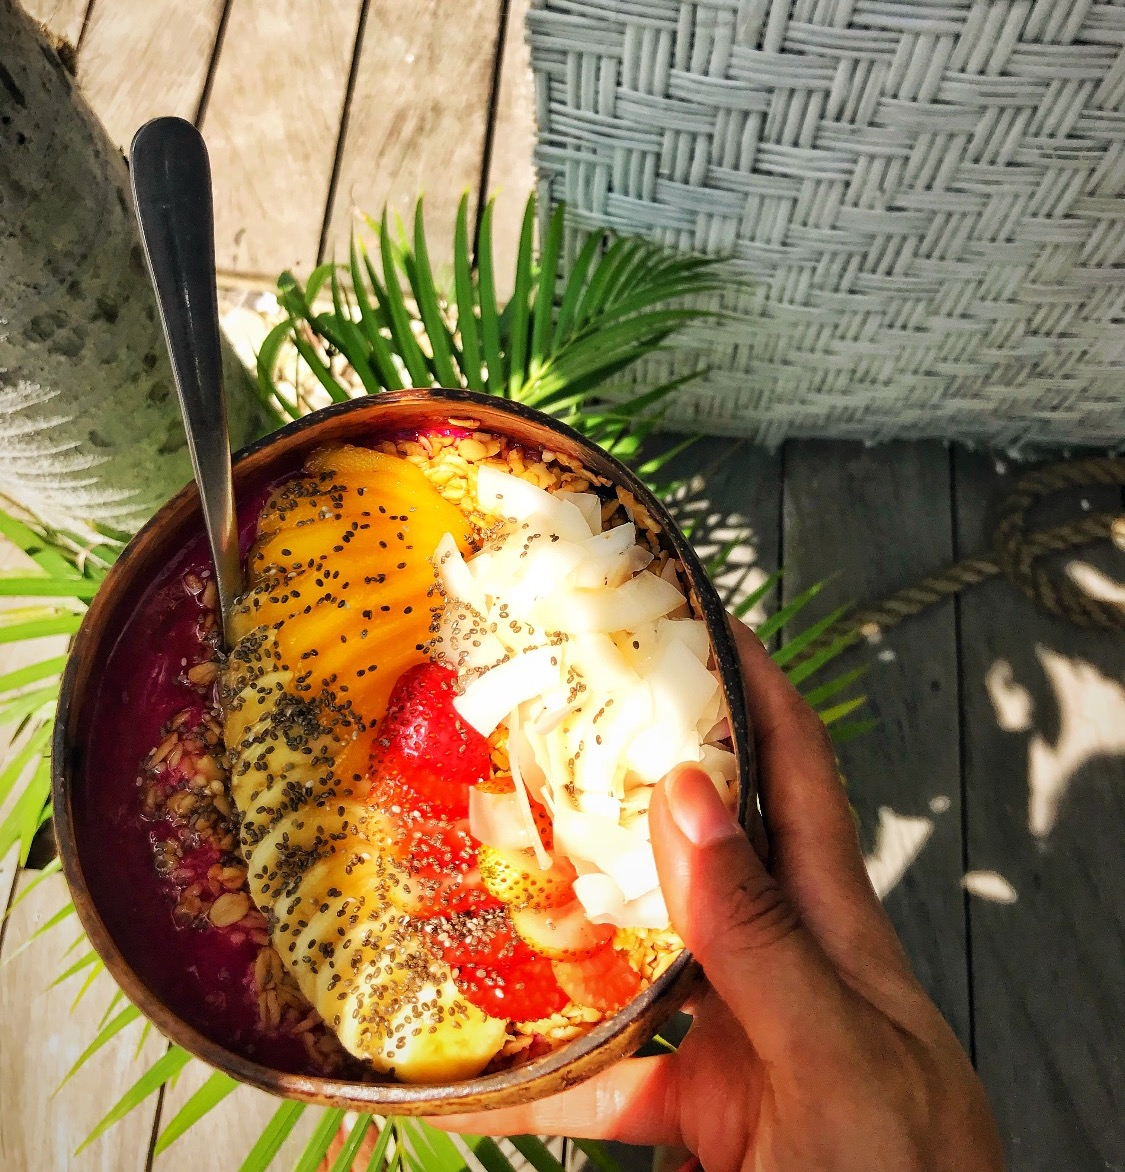 lifestyle redesign  - 685f45 c5b6e86960ea4f93a2b599b39d0ad3c0~mv2 - Joy and Positivity: Smoothie Bowls at Nalu Bowls Bali